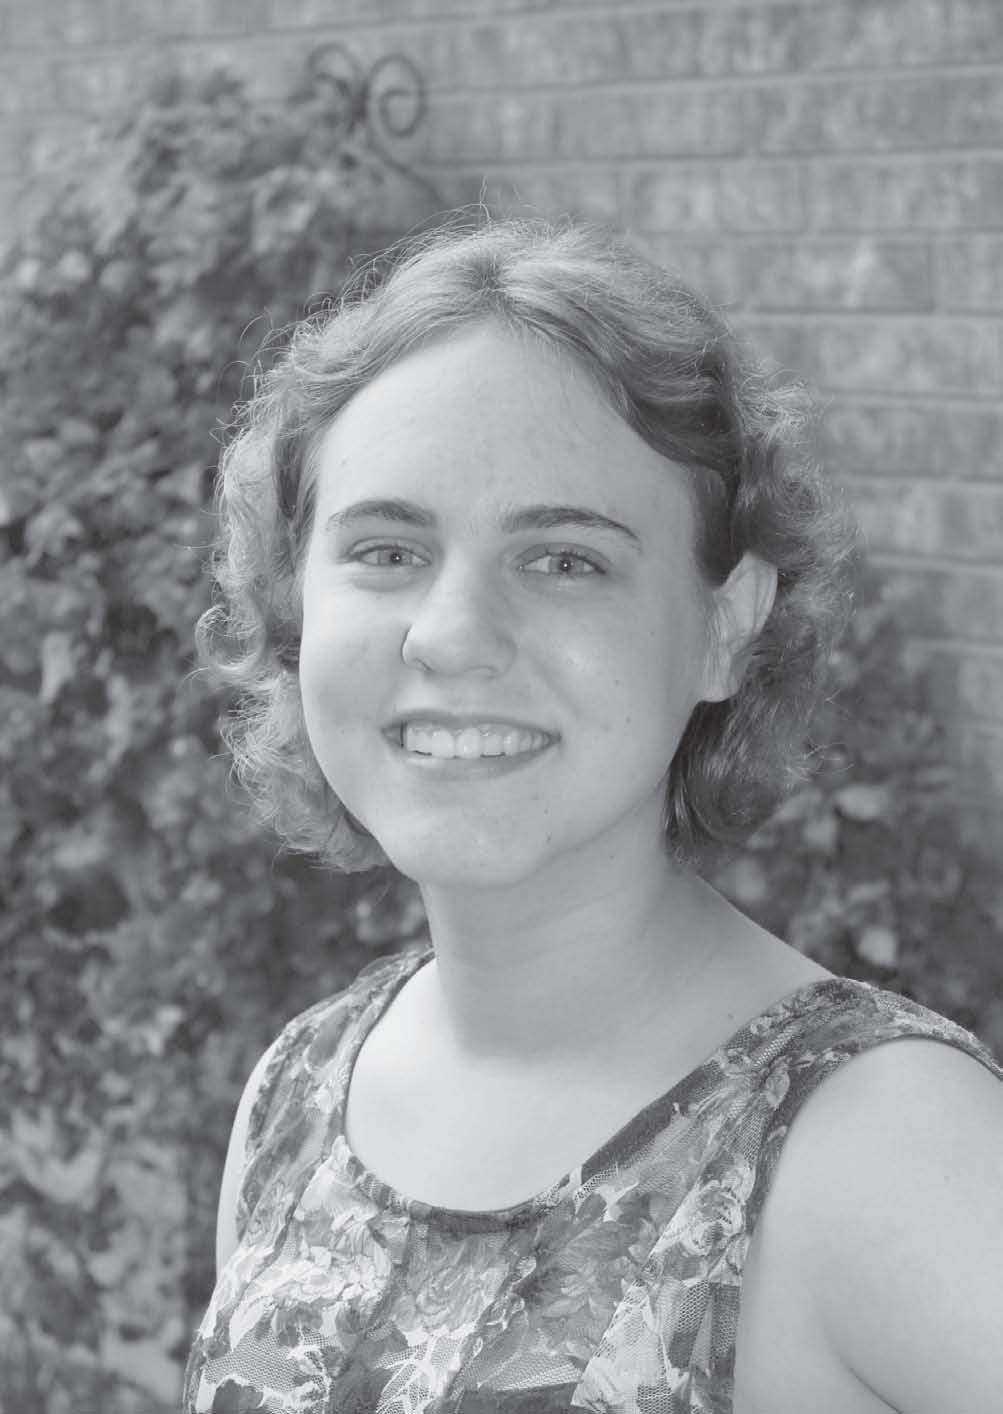 Erin Senior 2015